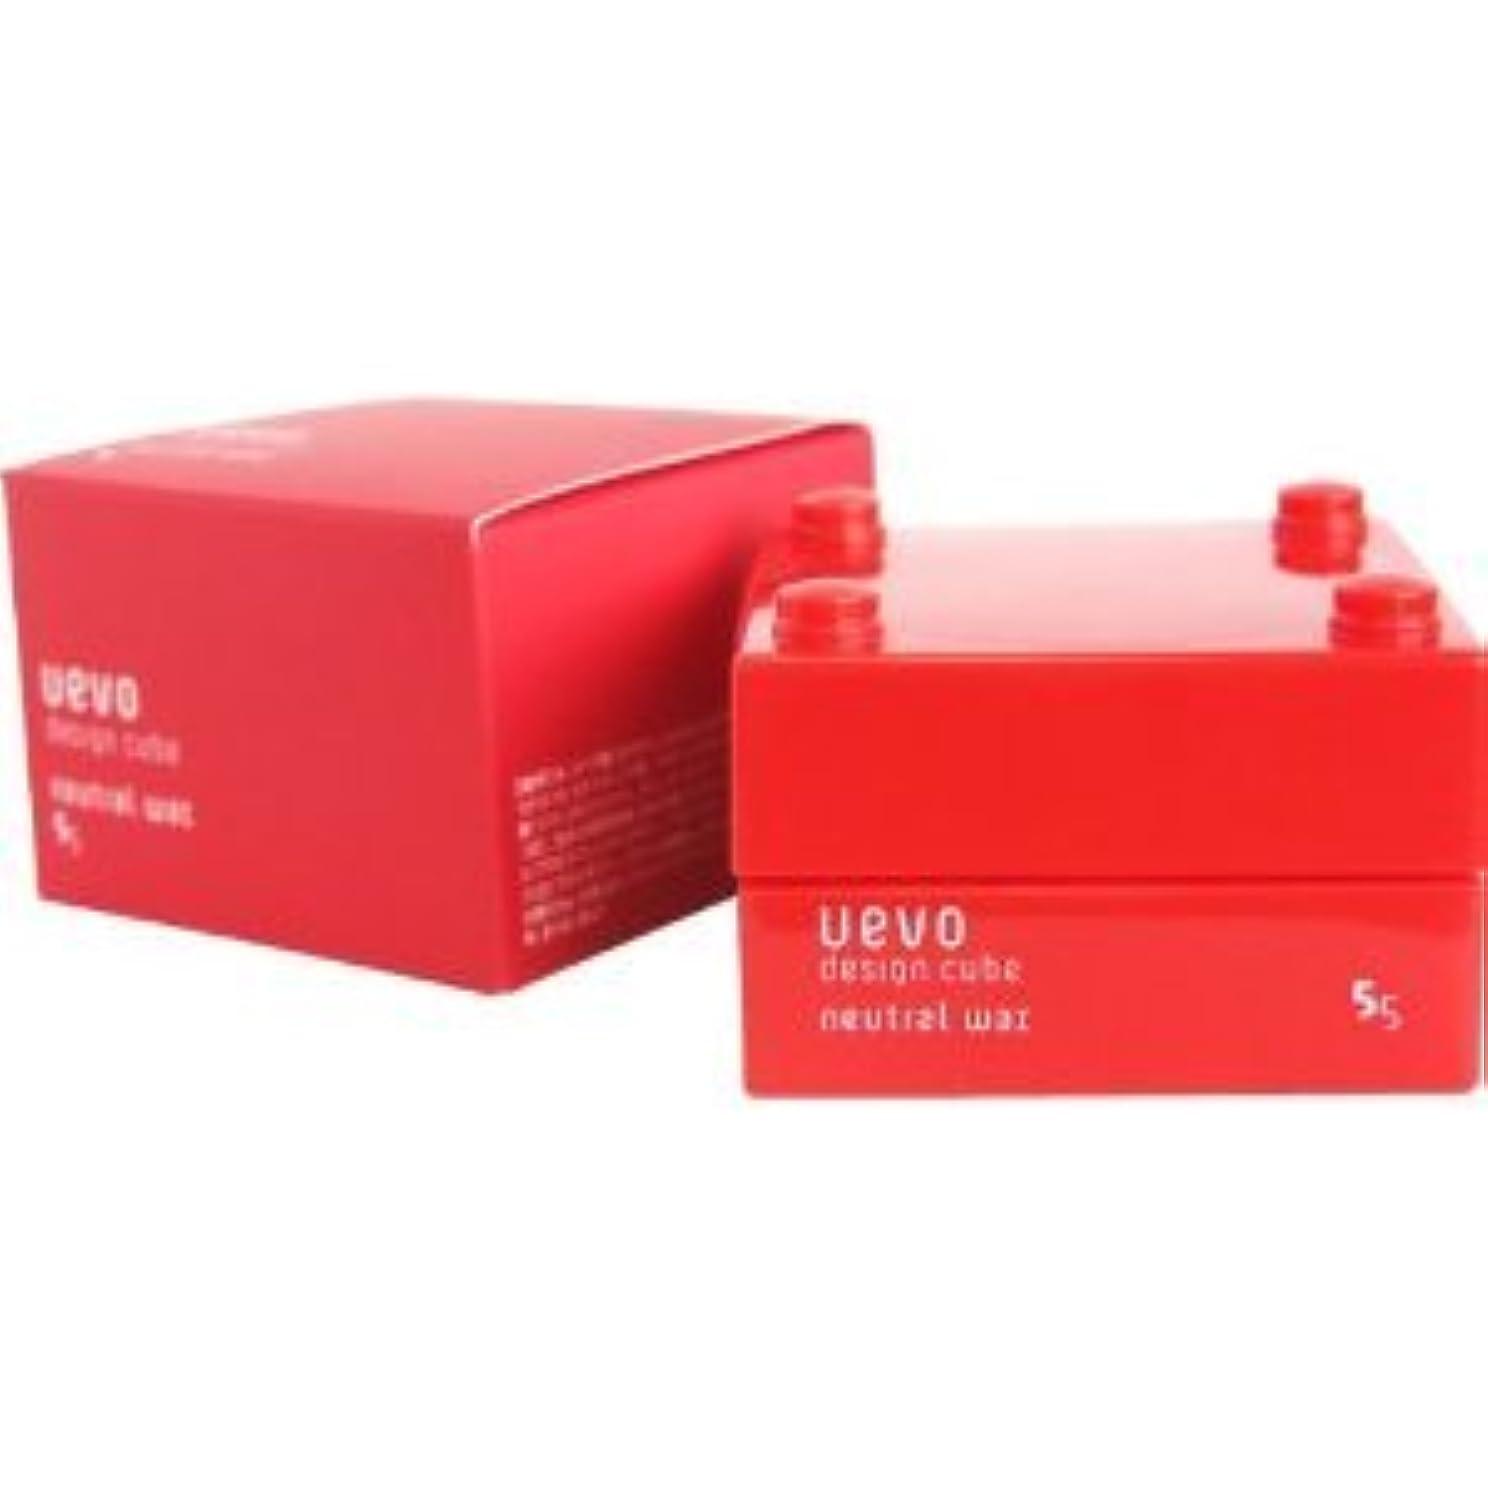 ベルト希少性快適【X2個セット】 デミ ウェーボ デザインキューブ ニュートラルワックス 30g neutral wax DEMI uevo design cube